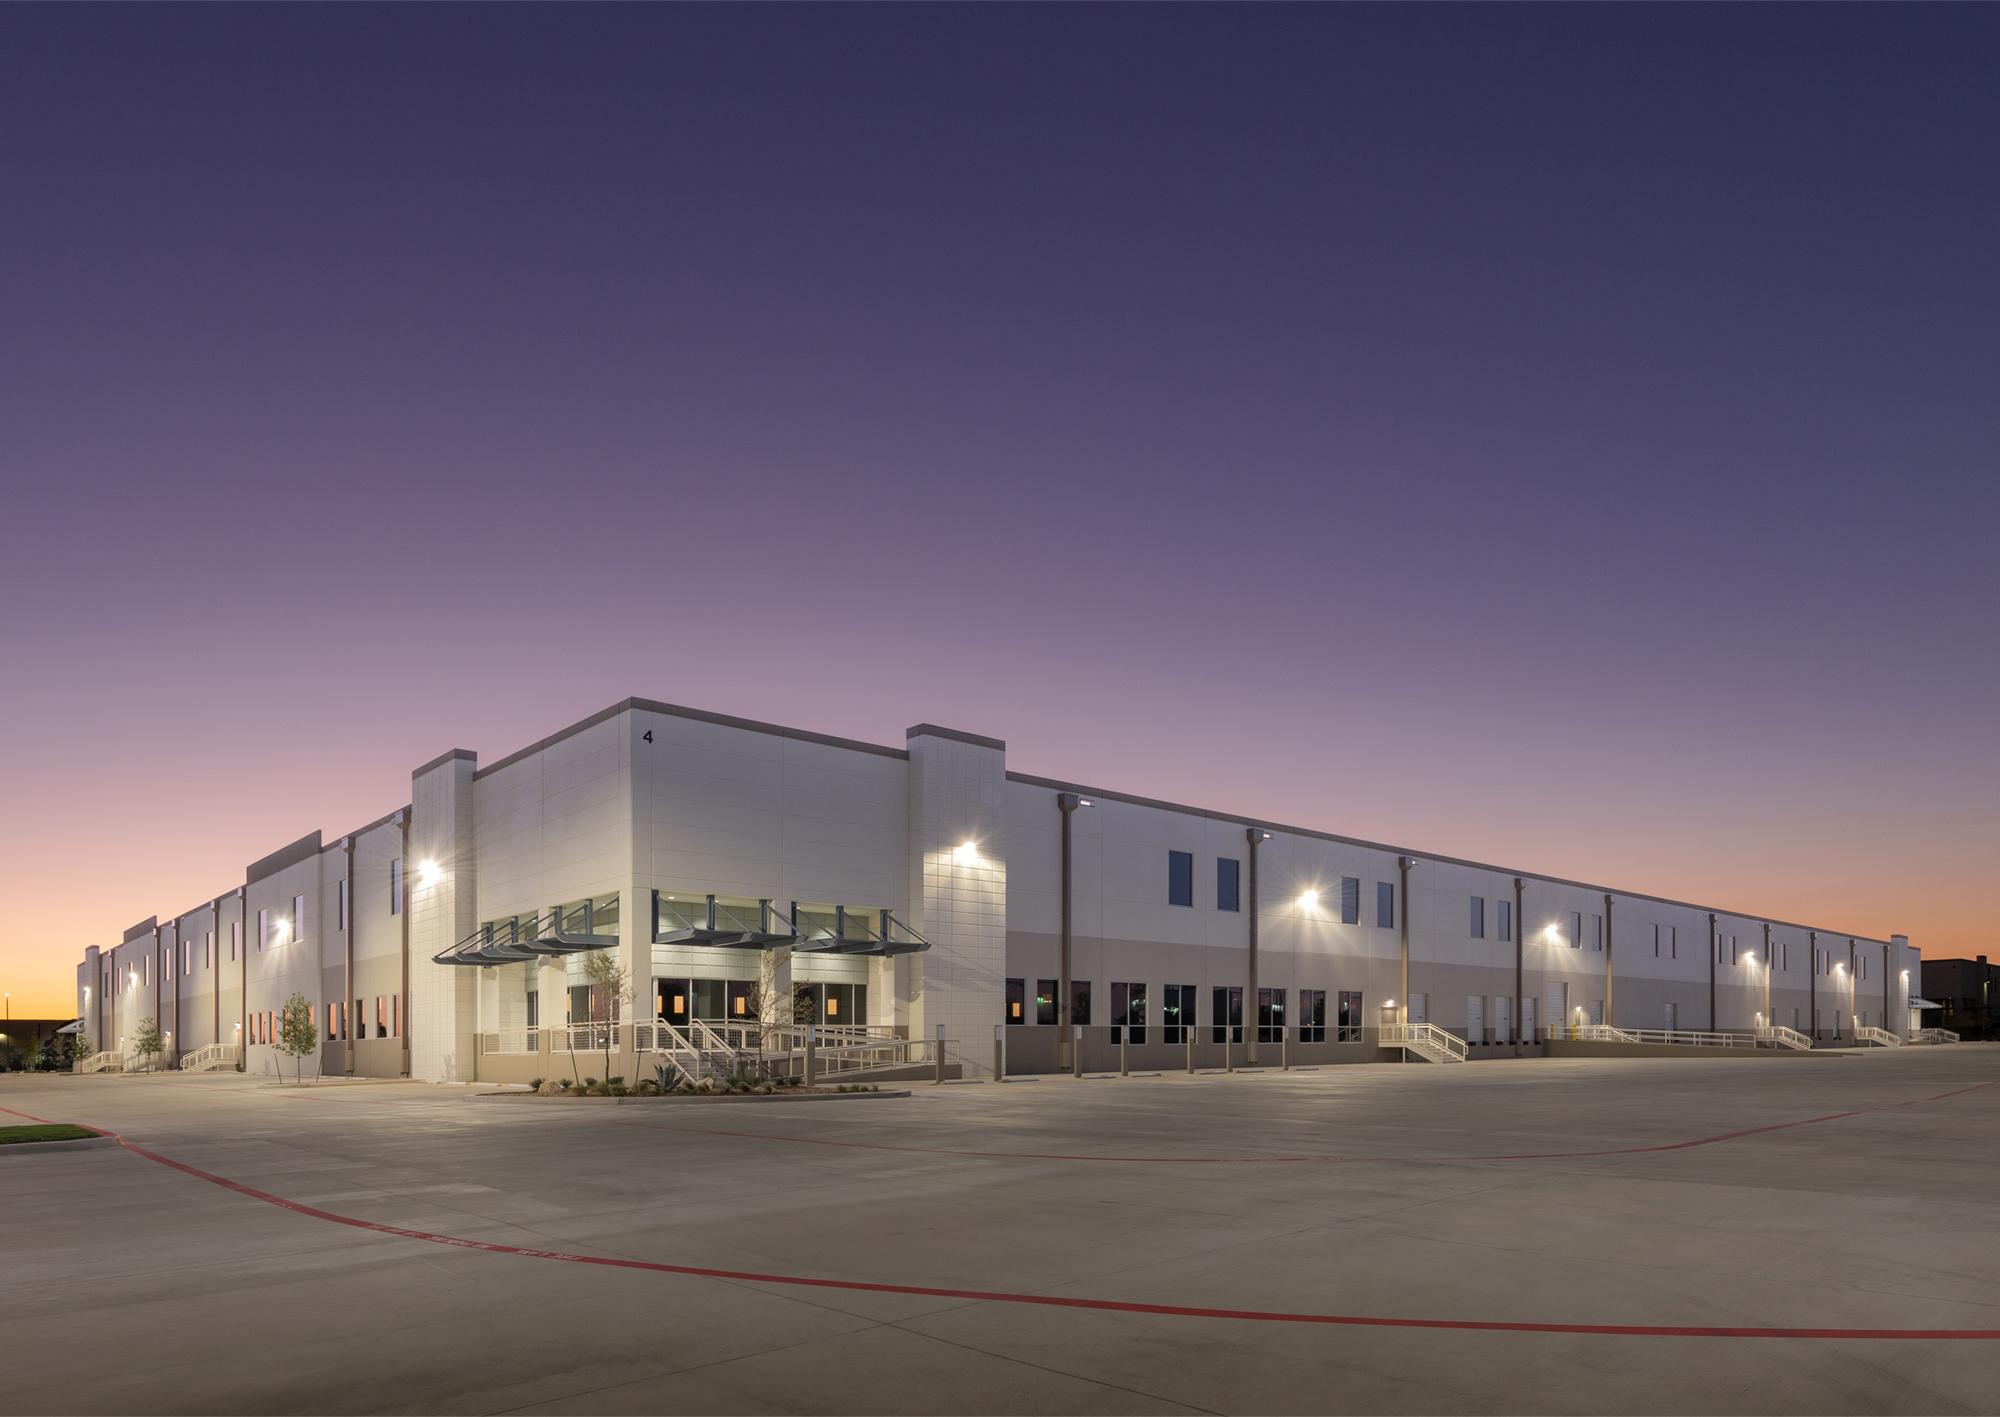 Enterprise Industrial Park - Building 6